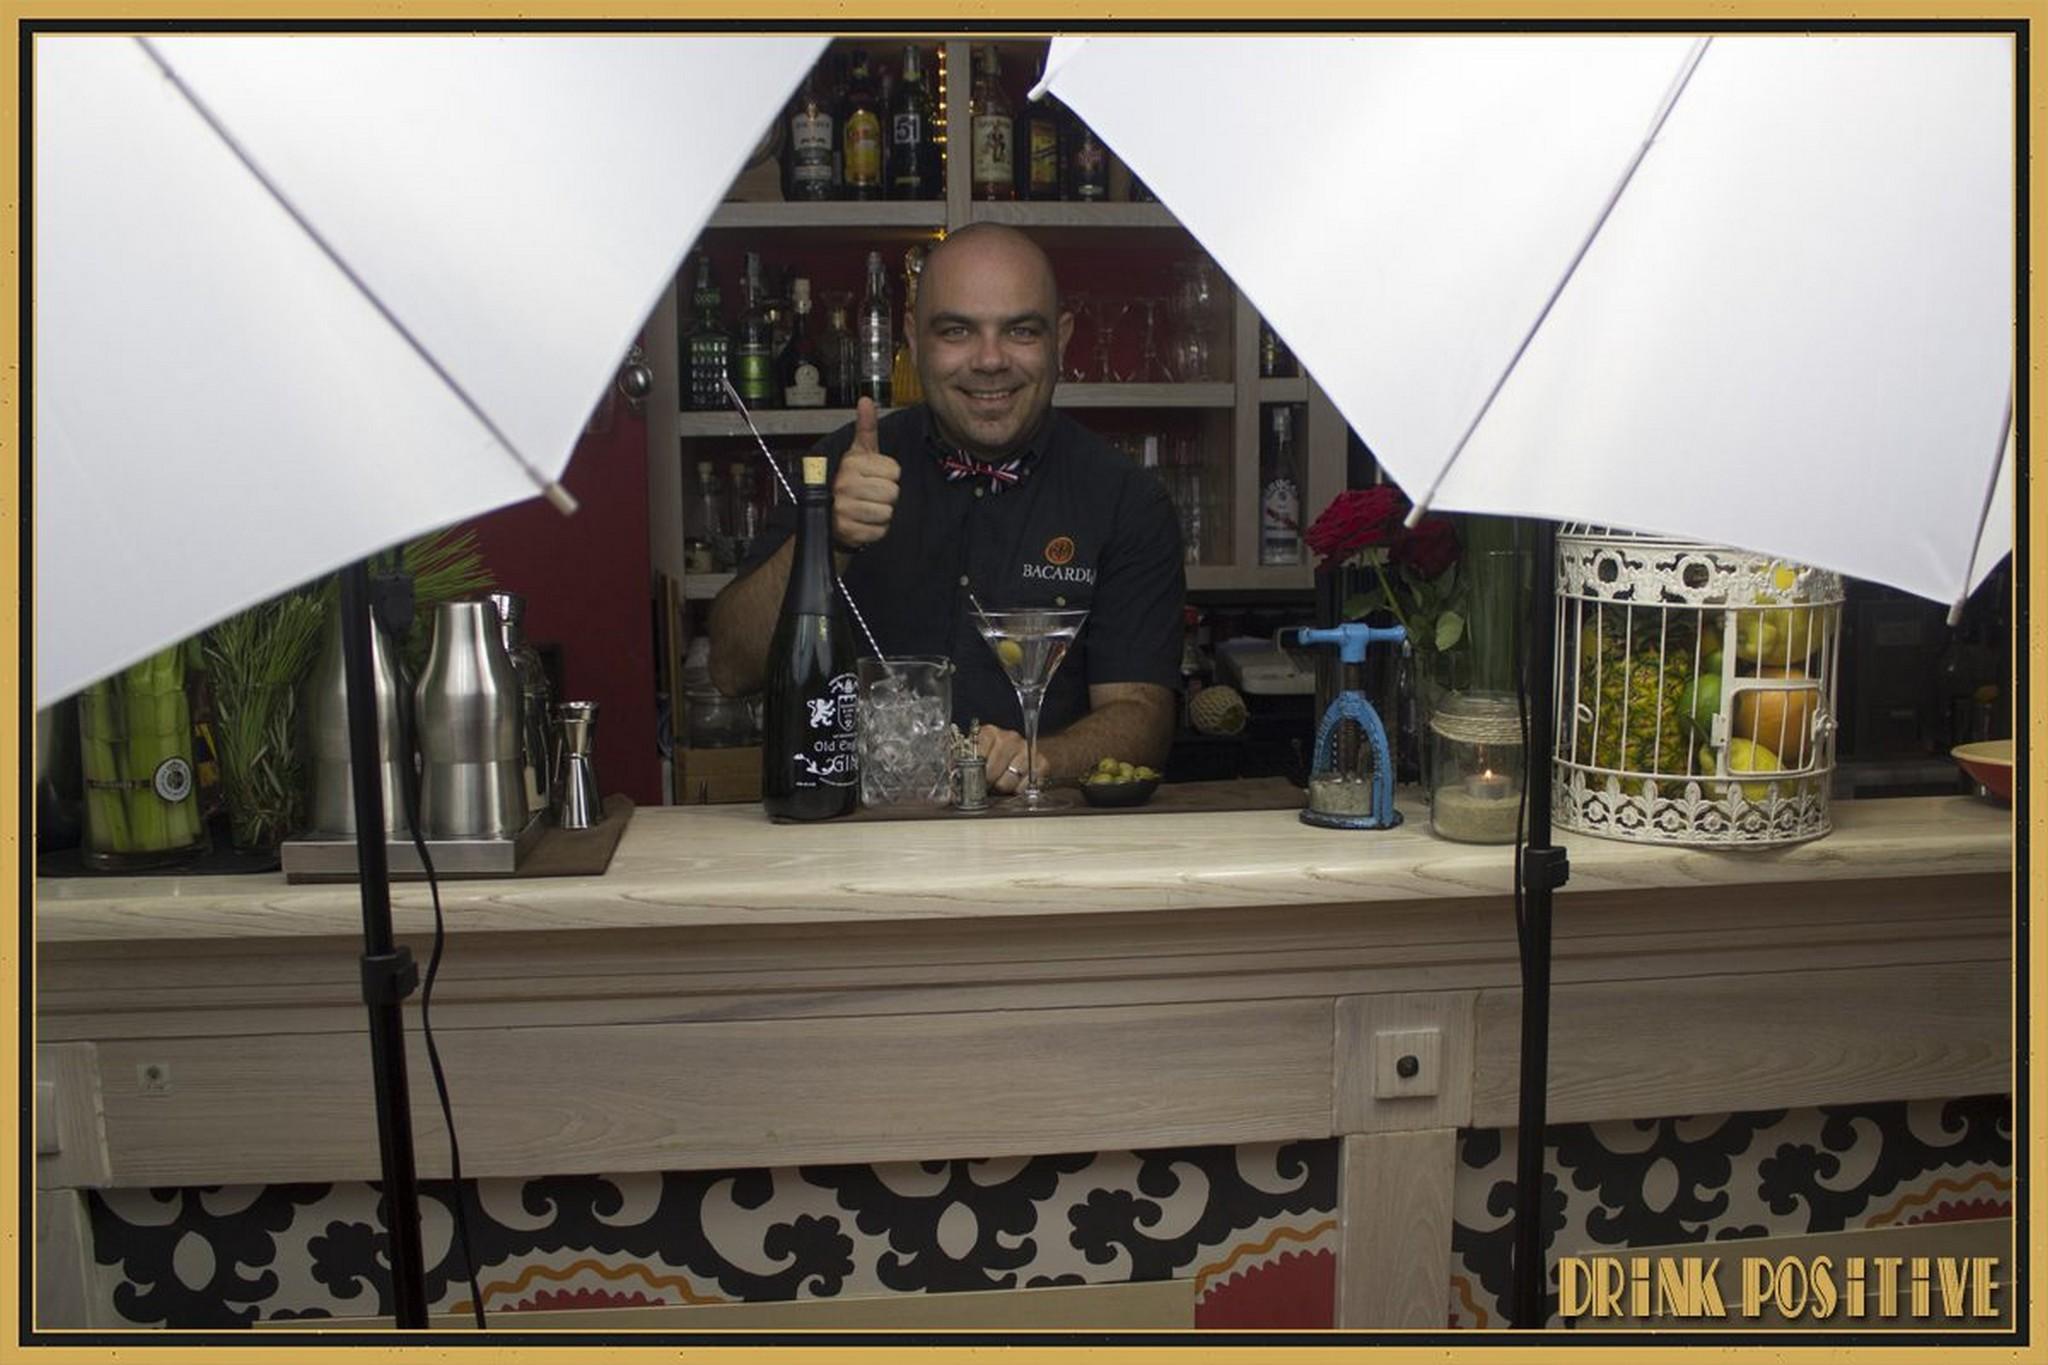 fabio_camboni_Gaeta_Drink_Positive_consulenze__apertura_locali_corsi_barman_142